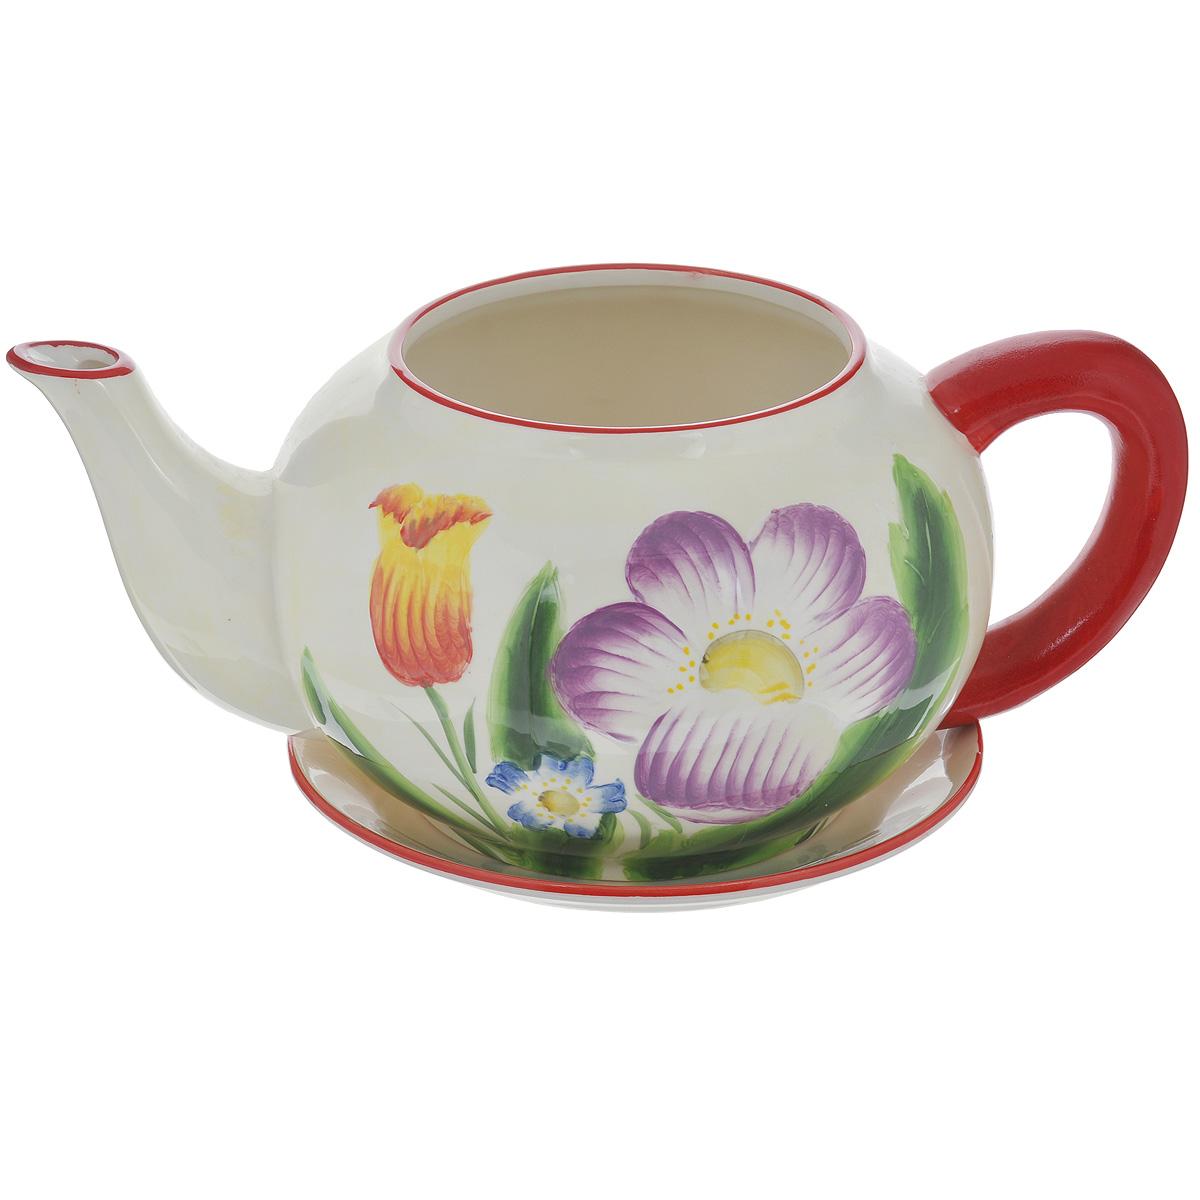 Кашпо Lillo Весенние цветы, с поддоном4607128374974Кашпо-горшок для цветов Lillo Весенние цветы выполнен из прочной керамики в виде заварочного чайника с блюдцем. Изделие предназначено для цветов.Такие изделия часто становятся последним штрихом, который совершенно изменяет интерьер помещения или ландшафтный дизайн сада. Благодаря такому кашпо вы сможете украсить вашу комнату, офис, сад и другие места. Изделие оснащено специальным поддоном - блюдцем.Диаметр кашпо по верхнему краю: 14,5 см.Высота кашпо (без учета поддона): 16 см.Диаметр поддона: 23 см.